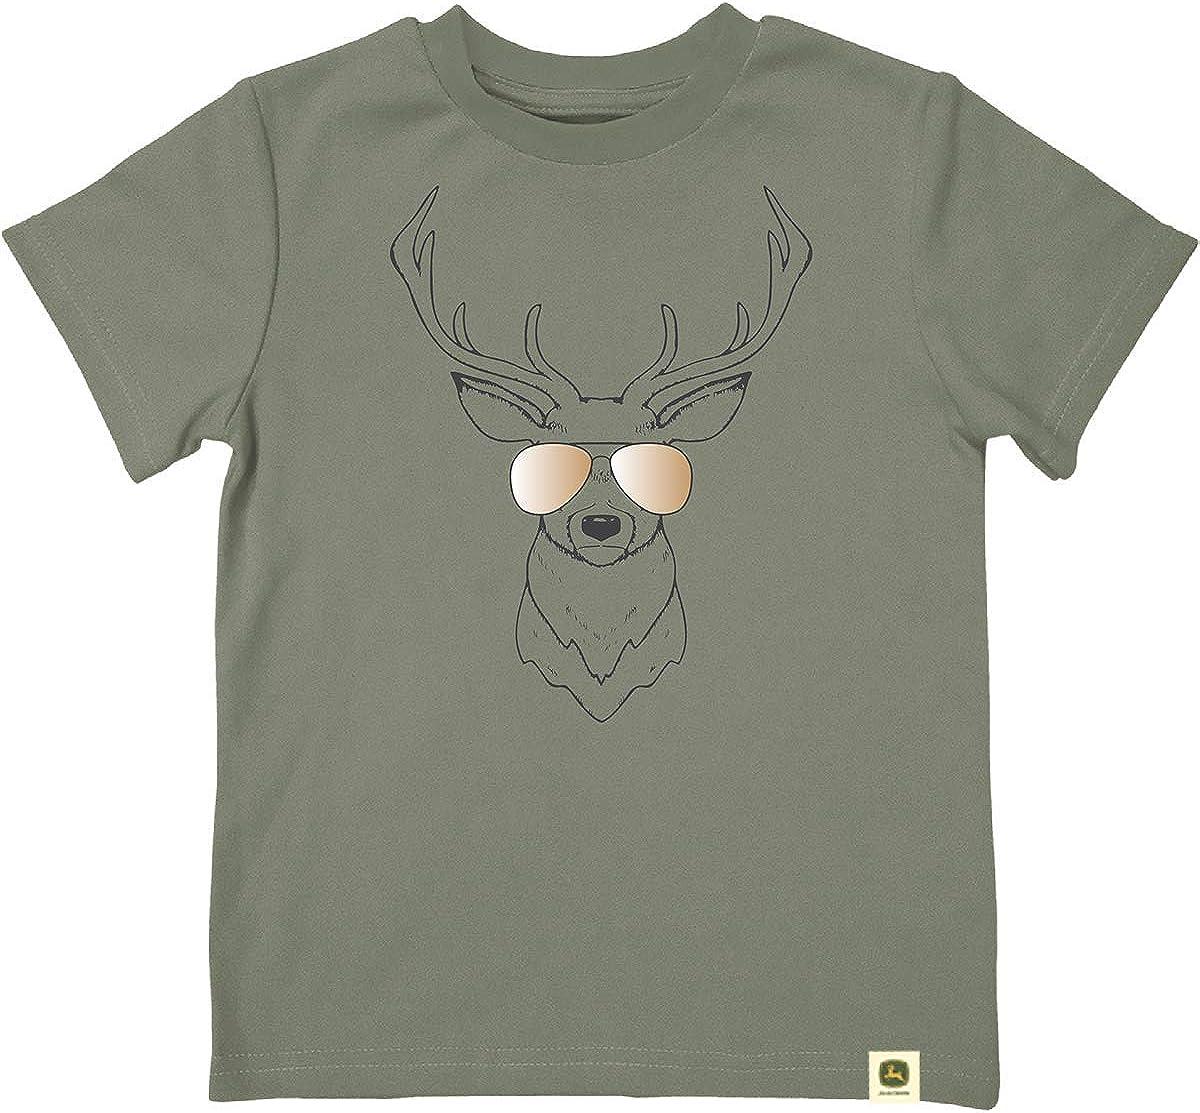 John Deere Do Good Today Baby Infant Deer in Sunglasses Short Sleeve Thirt-Olive